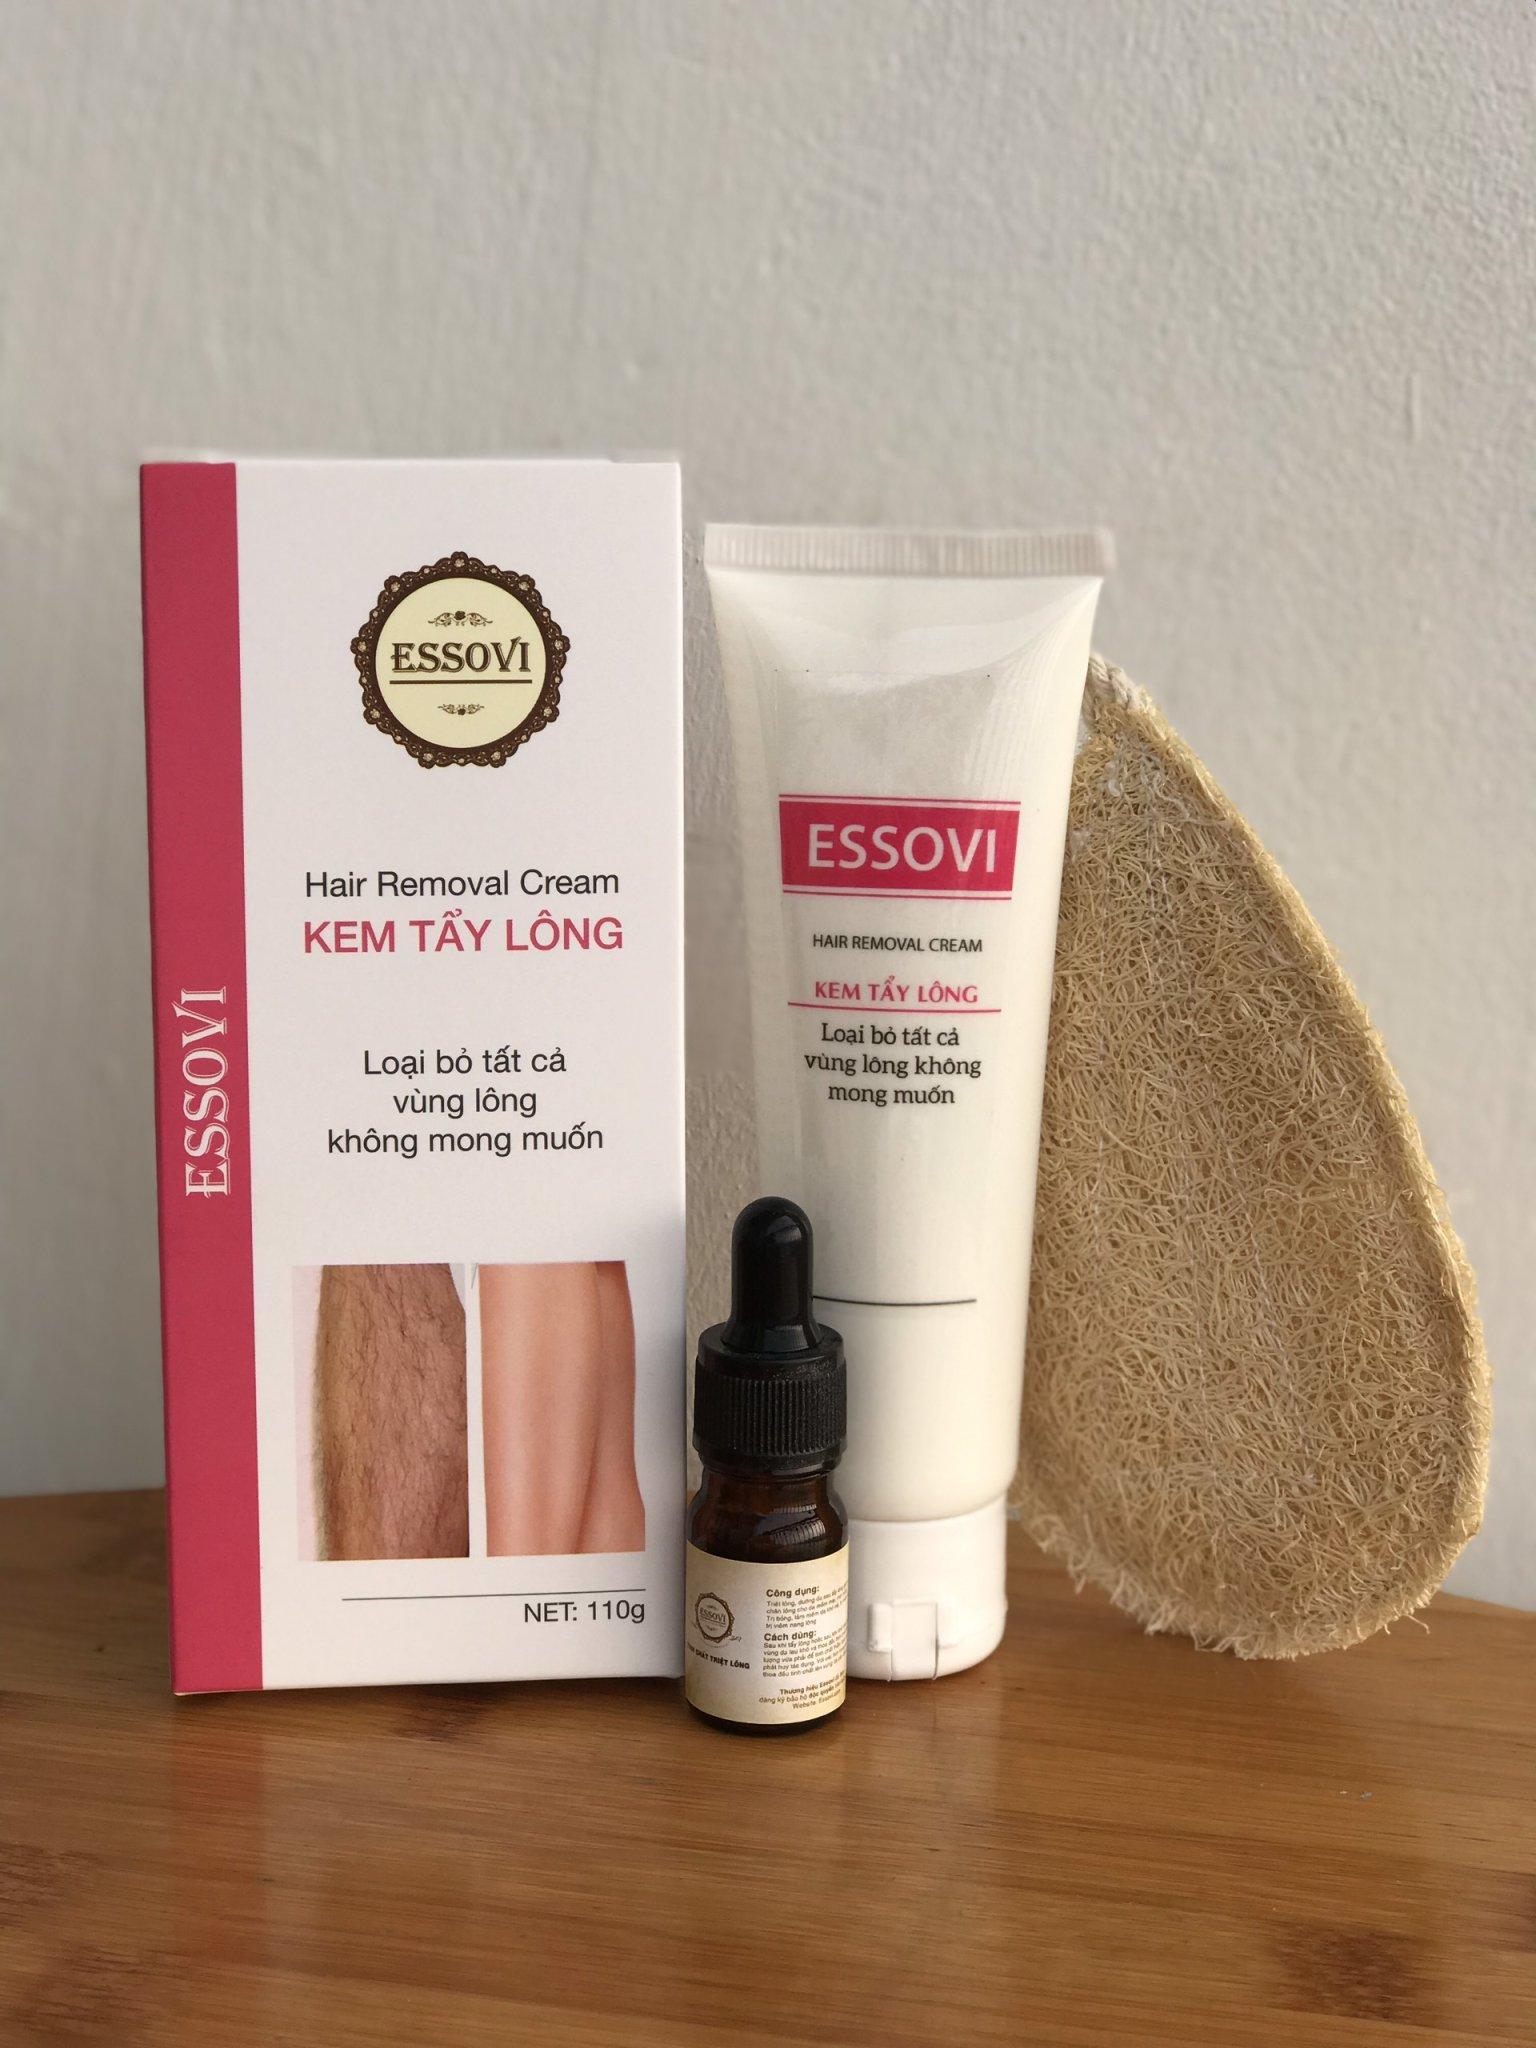 Bộ 3 sản phẩm kem tẩy lông Essovi (tặng kèm tinh chất triệt lông)